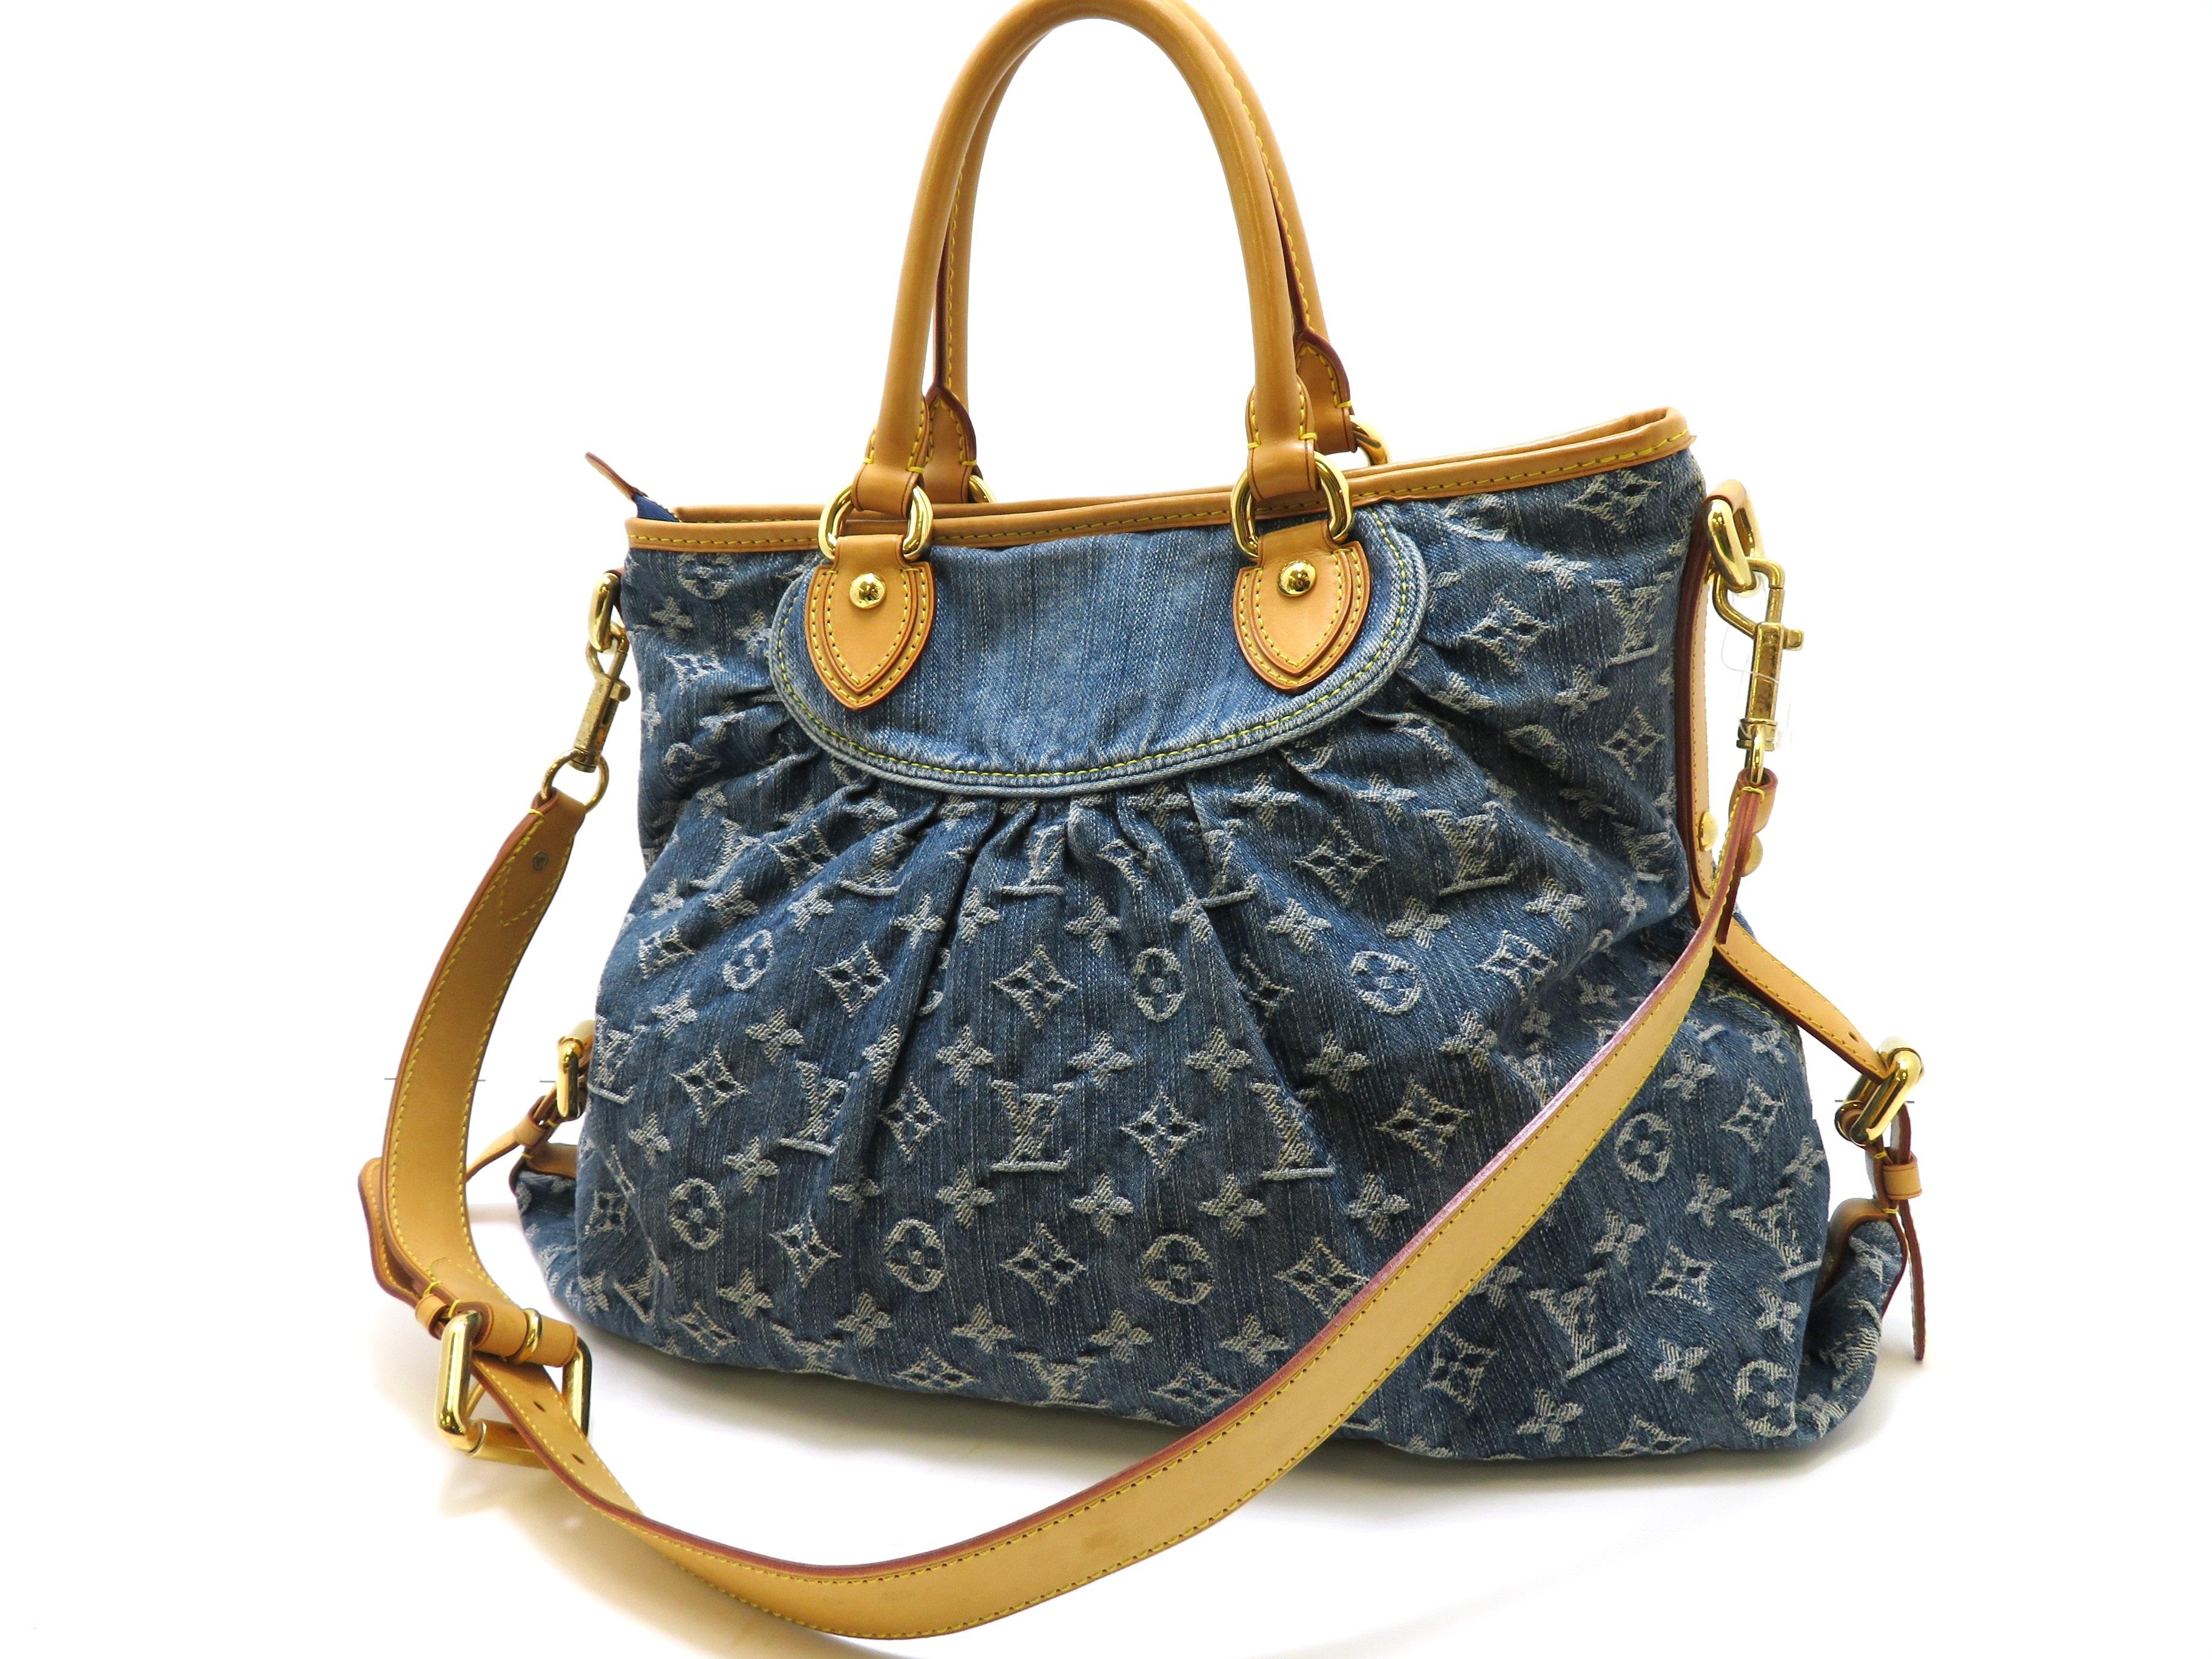 直送商品 Louis Vuitton Louis ルイ・ヴィトン ネオ・カビイMM モノグラム デニム ブルー 【472】【】【大黒屋】, むせんや:cec56eaf --- ceremonialdovesoftidewater.com